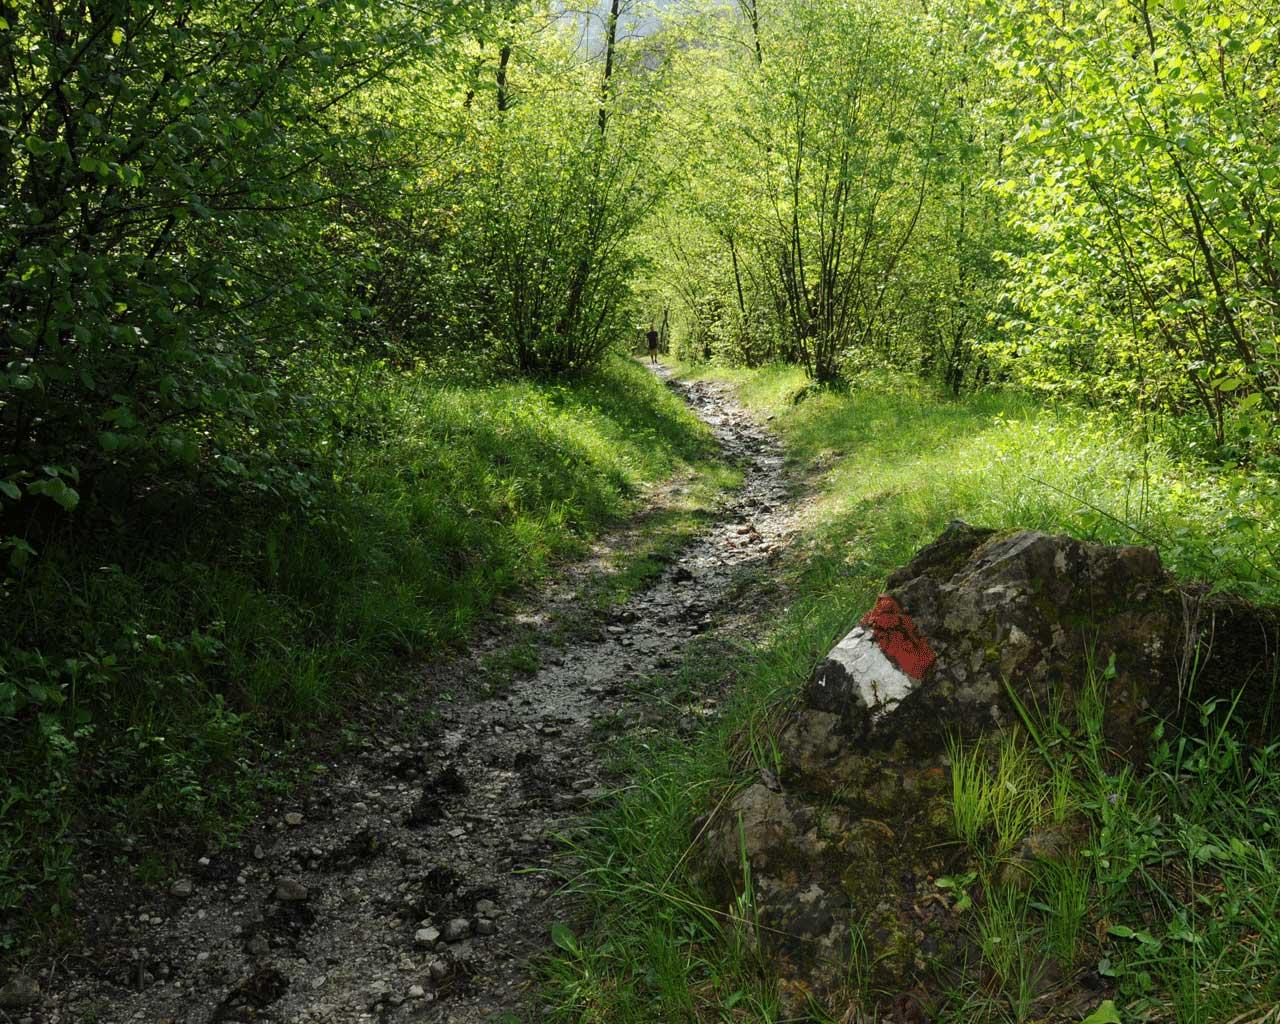 Un segnale biancorosso su una roccia lungo il sentiero 361 Cai